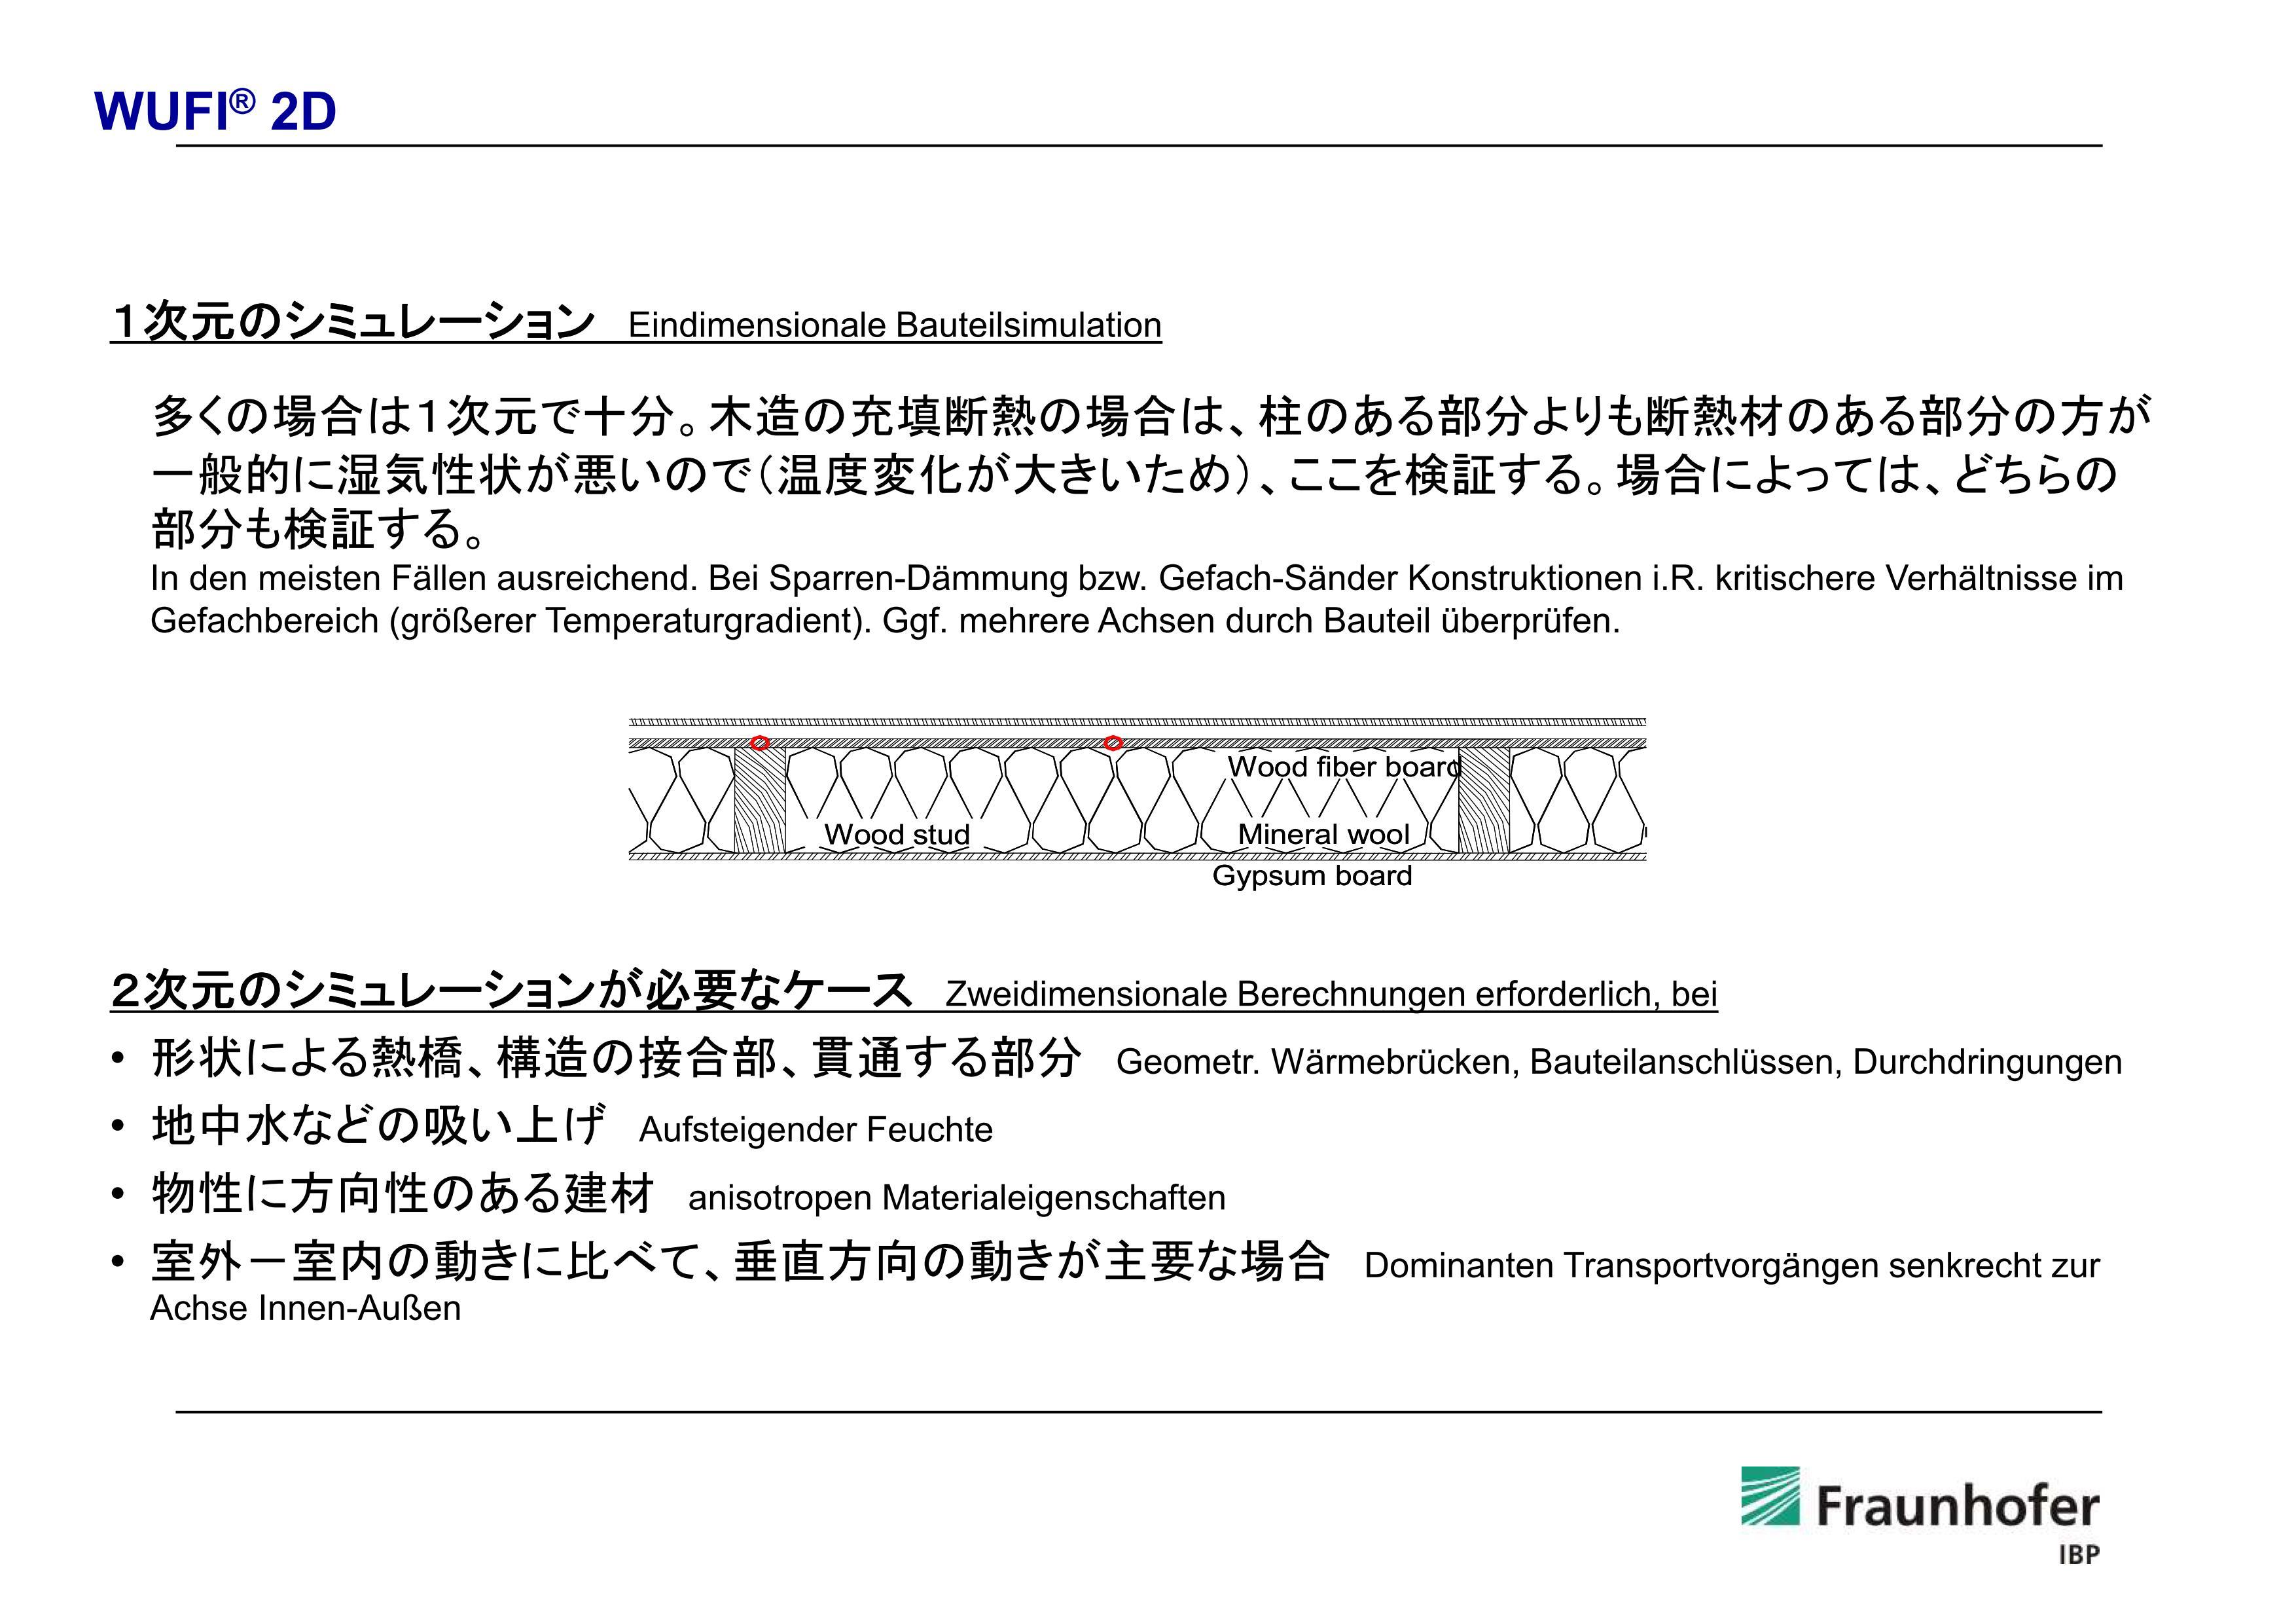 4_WUFI Family [Kompatibilitätsmodus]_04